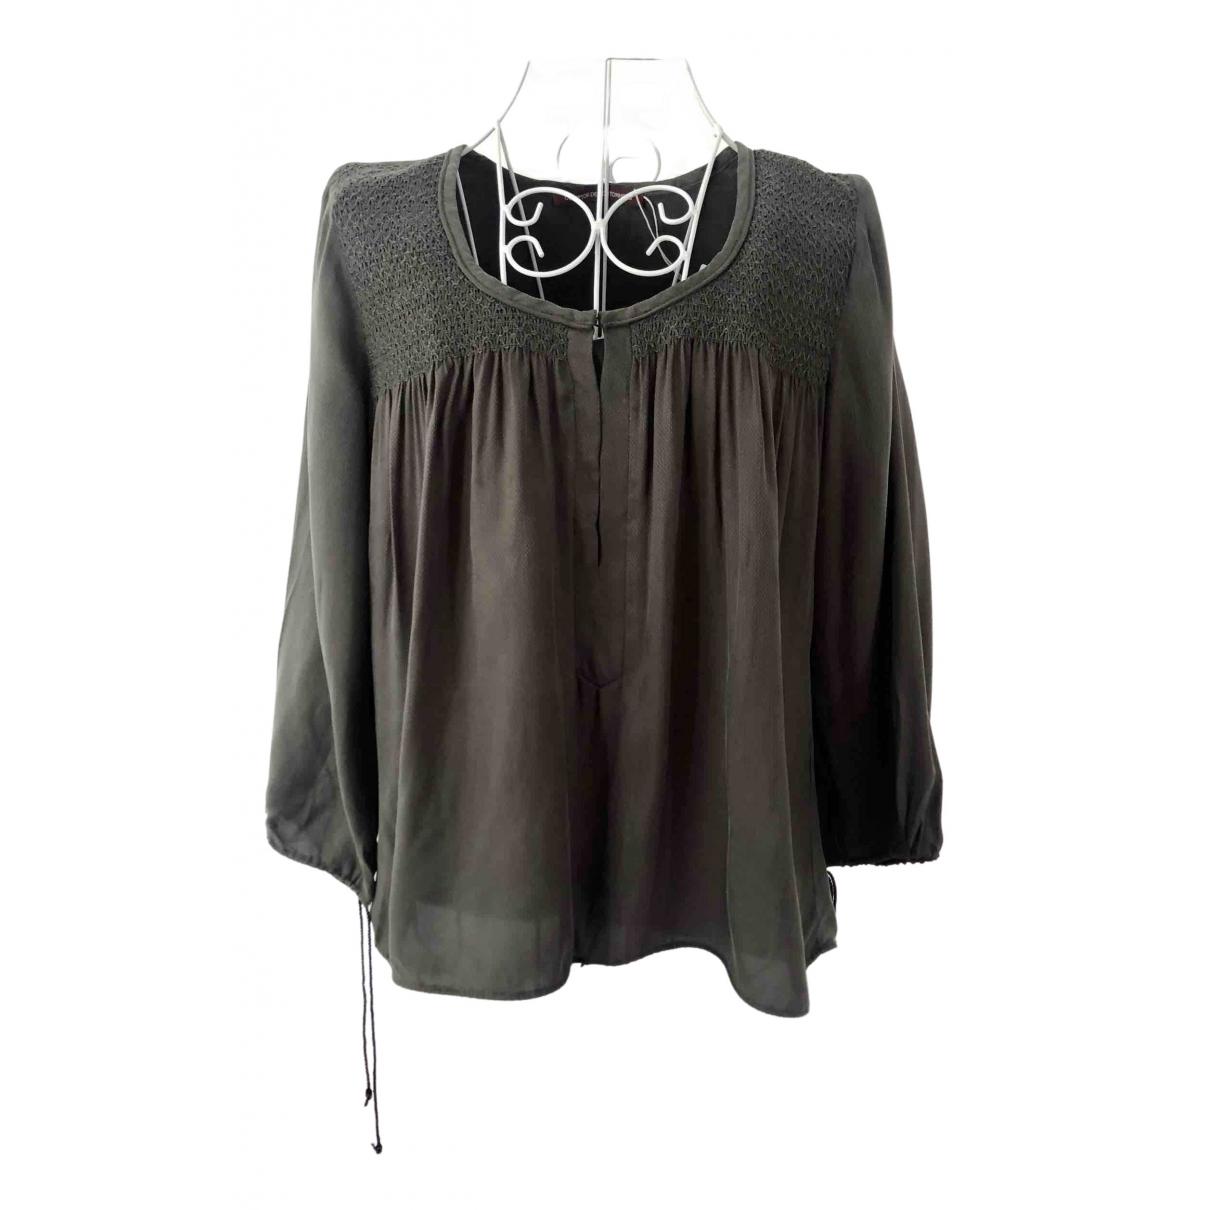 Comptoir Des Cotonniers \N Khaki  top for Women 34 FR